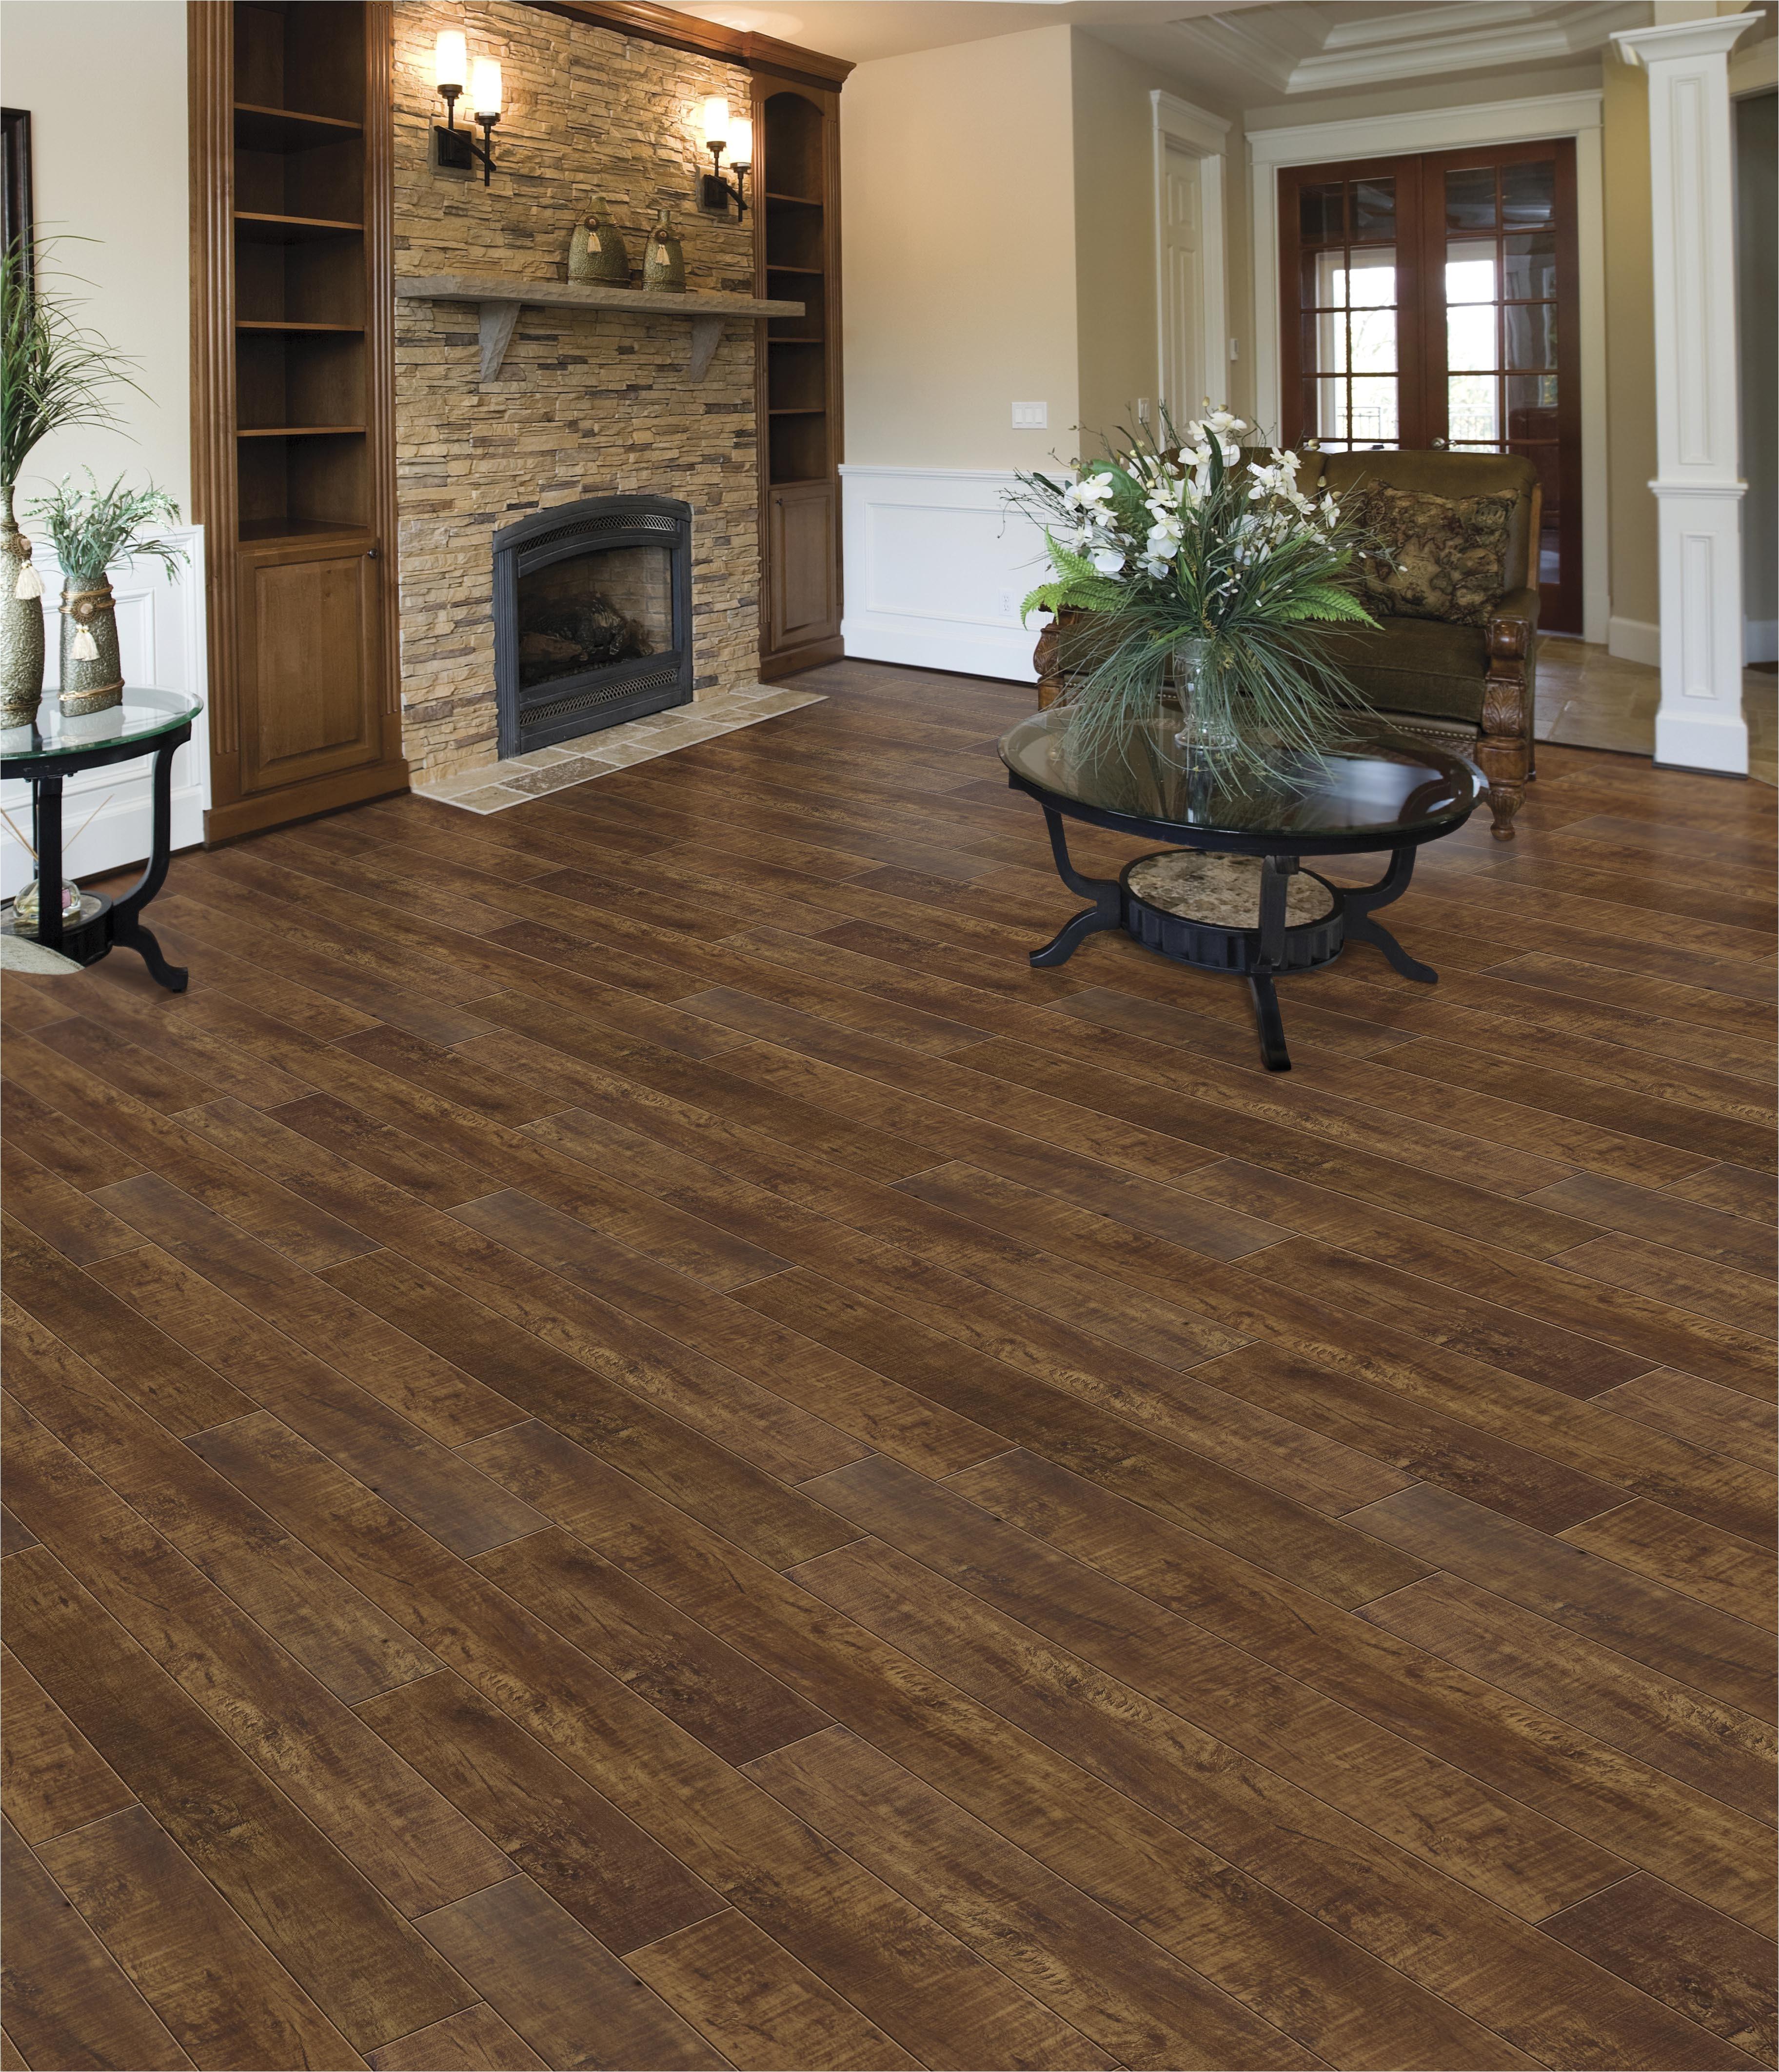 Menards Wood Flooring Sale Harmonics Laminate Flooring Bethany Mitchell Homes Hardwood Floors